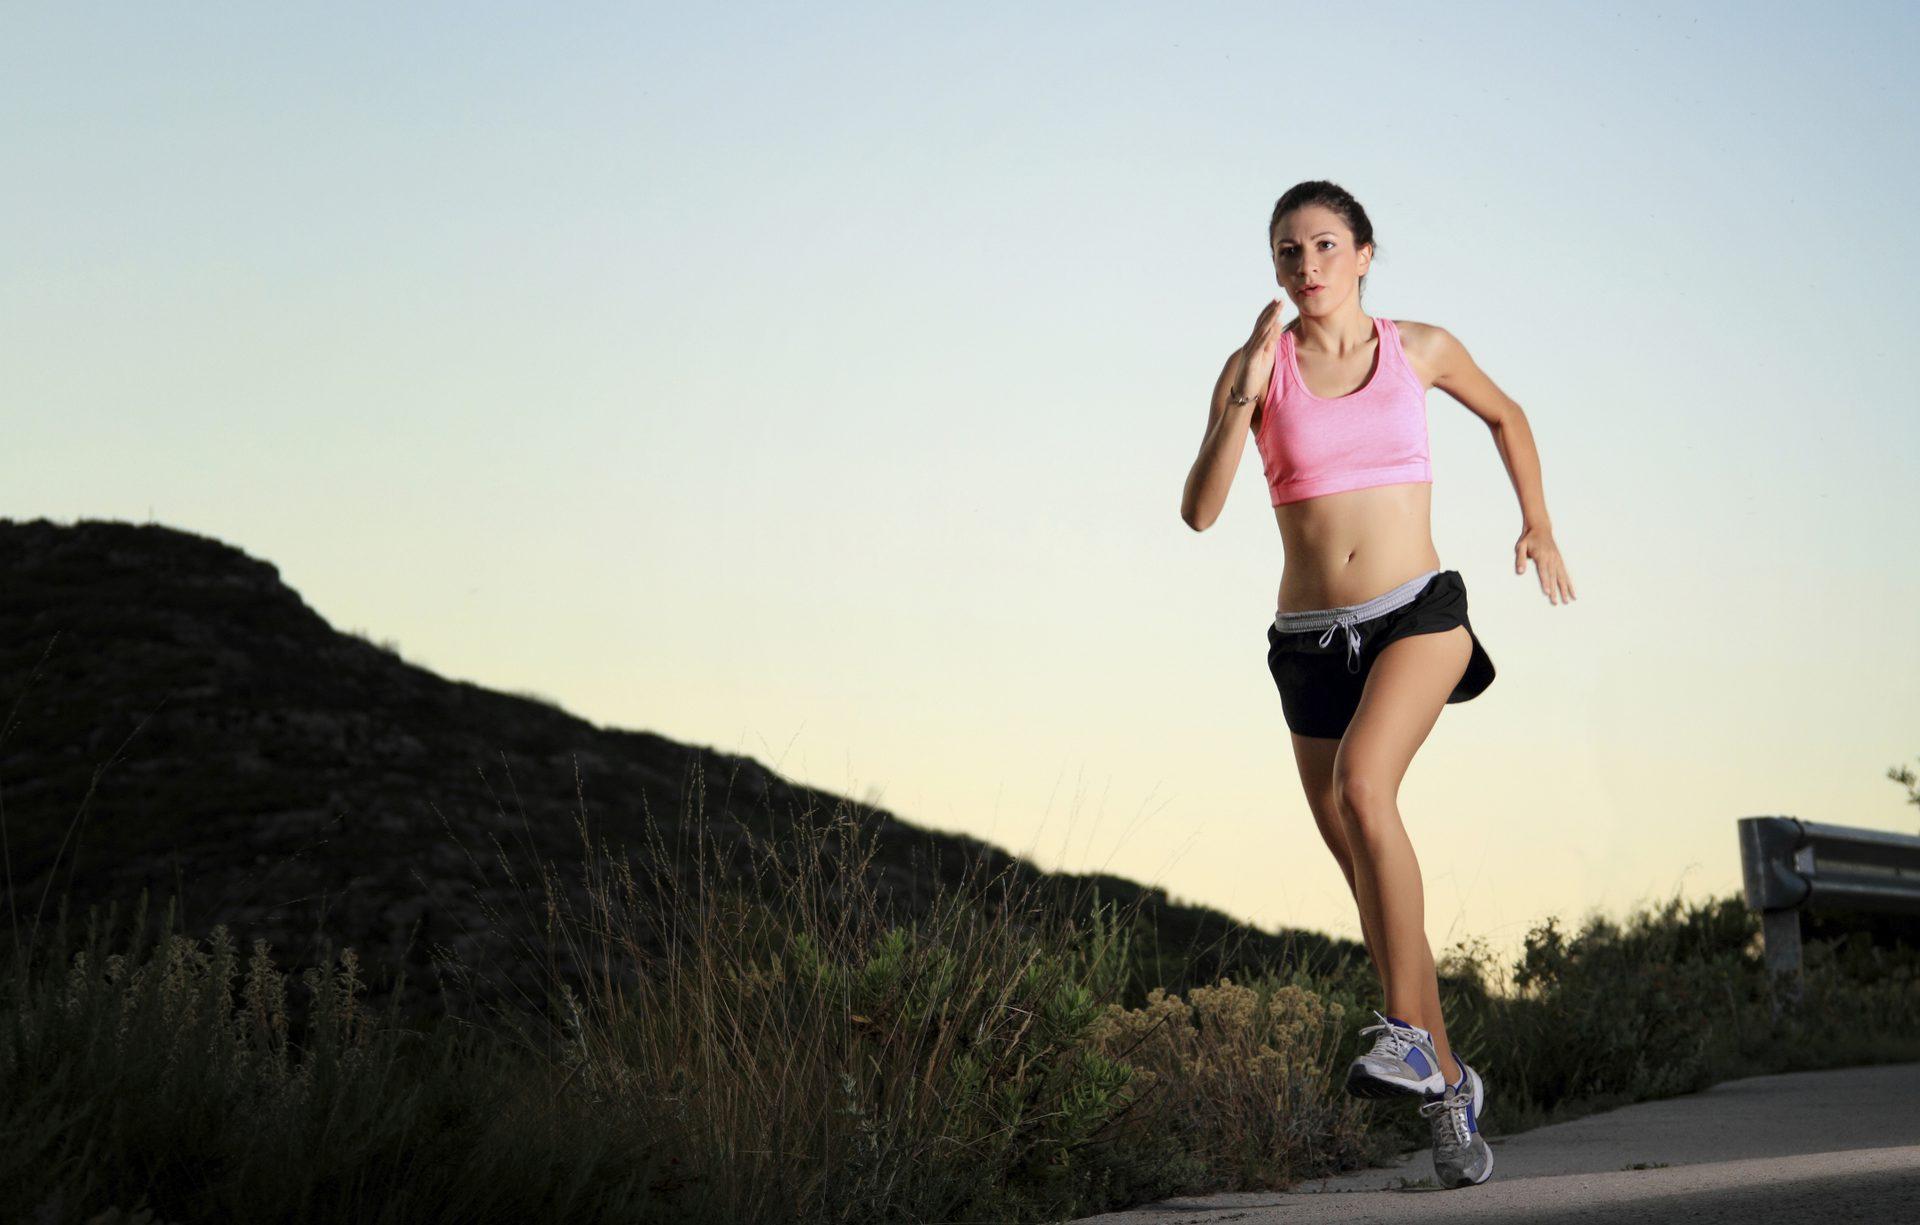 El ejercicio no influye en la menopausia precoz